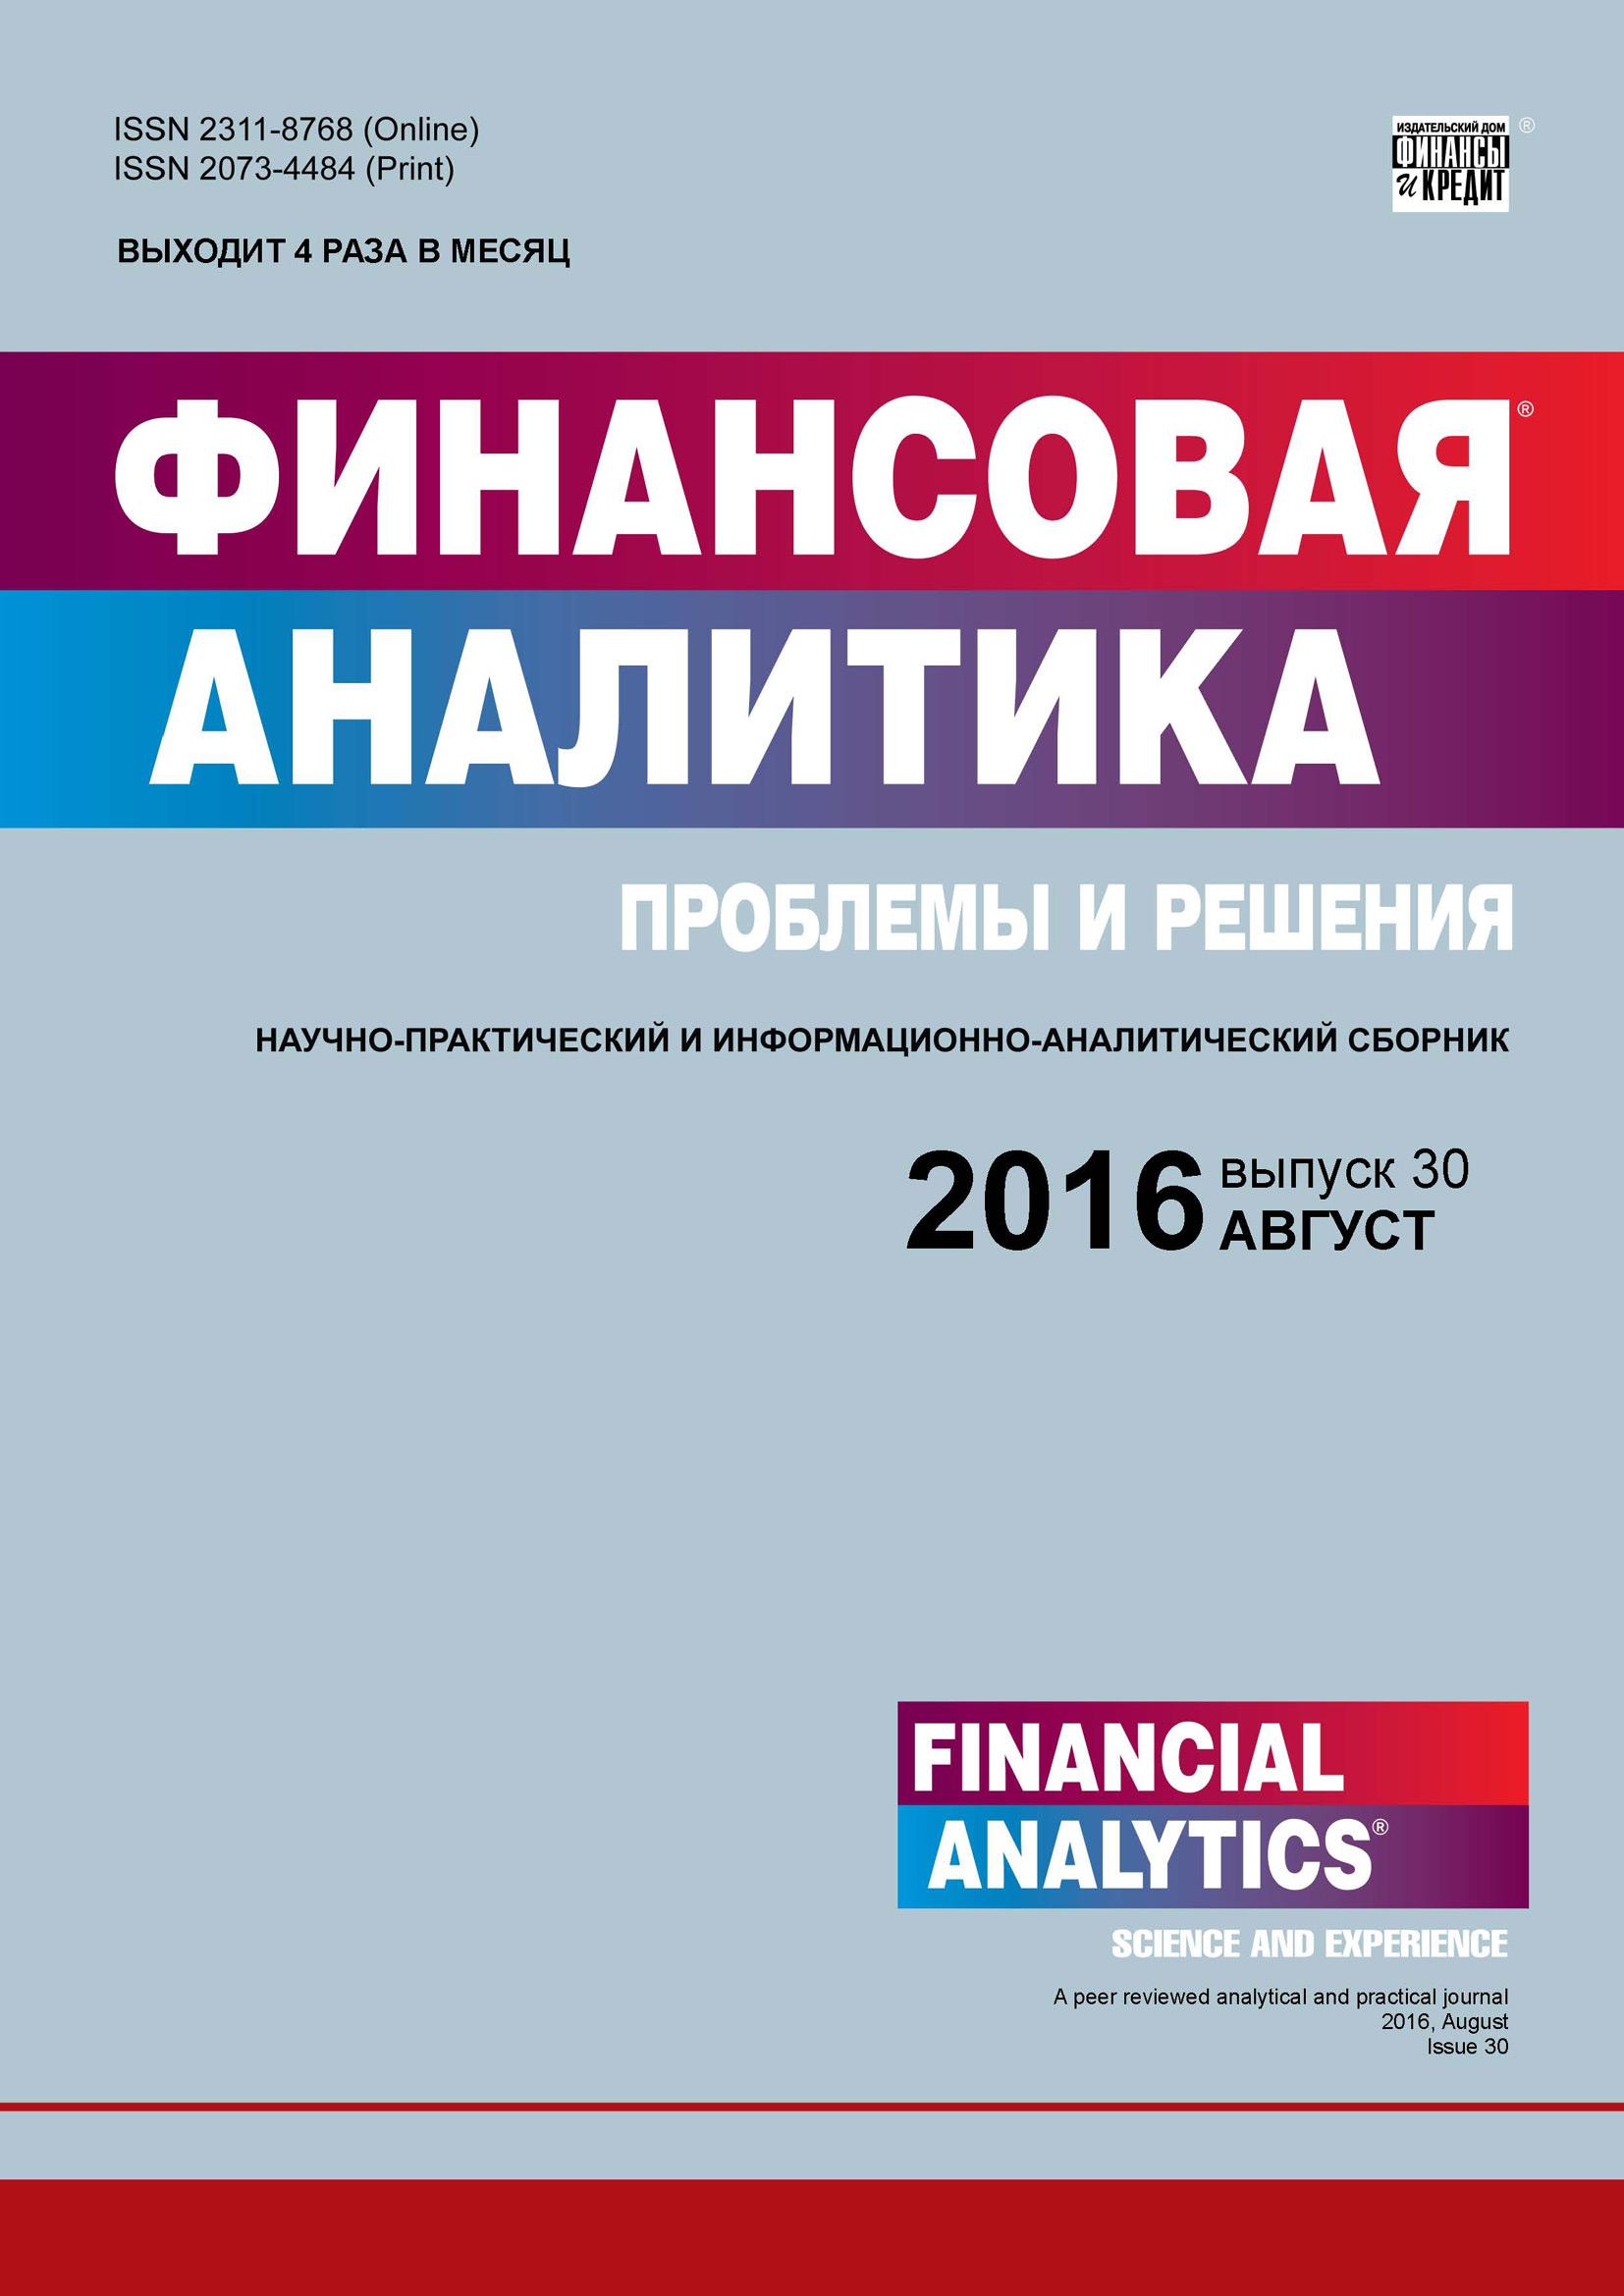 Отсутствует Финансовая аналитика: проблемы и решения № 30 (312) 2016 отсутствует финансовая аналитика проблемы и решения 30 312 2016